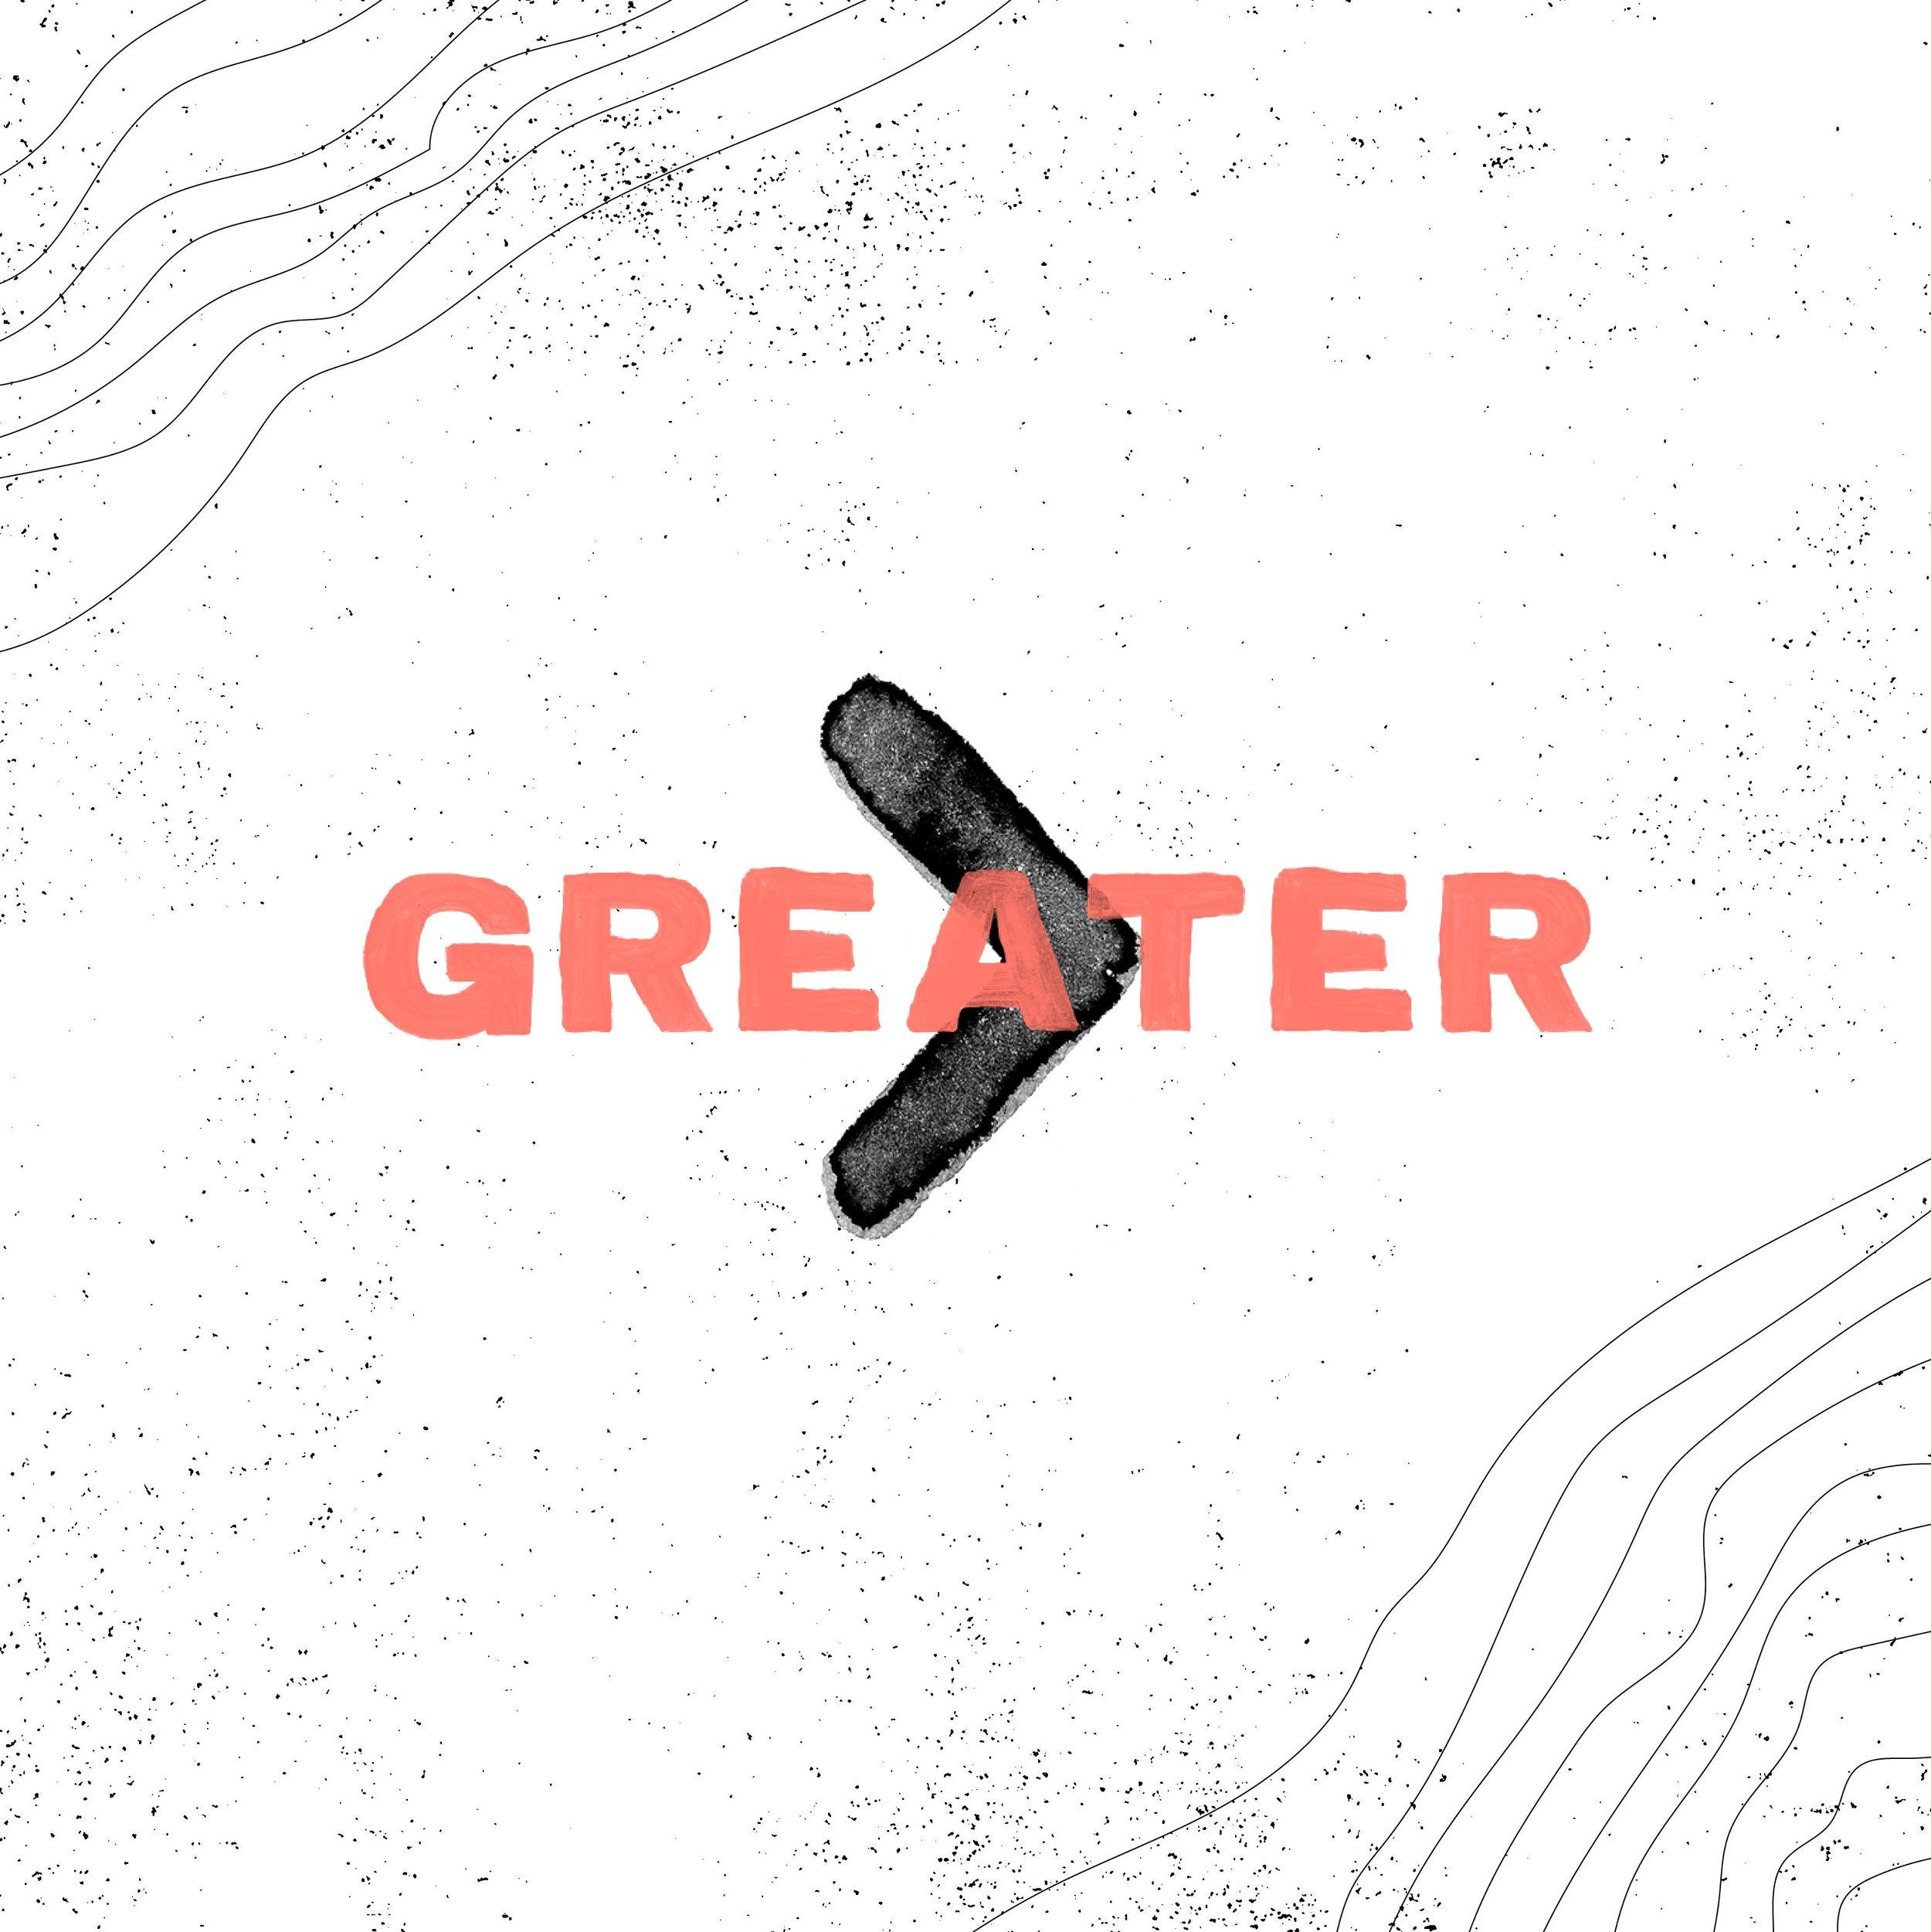 Greater_V1 - 1500 x 1500.jpg